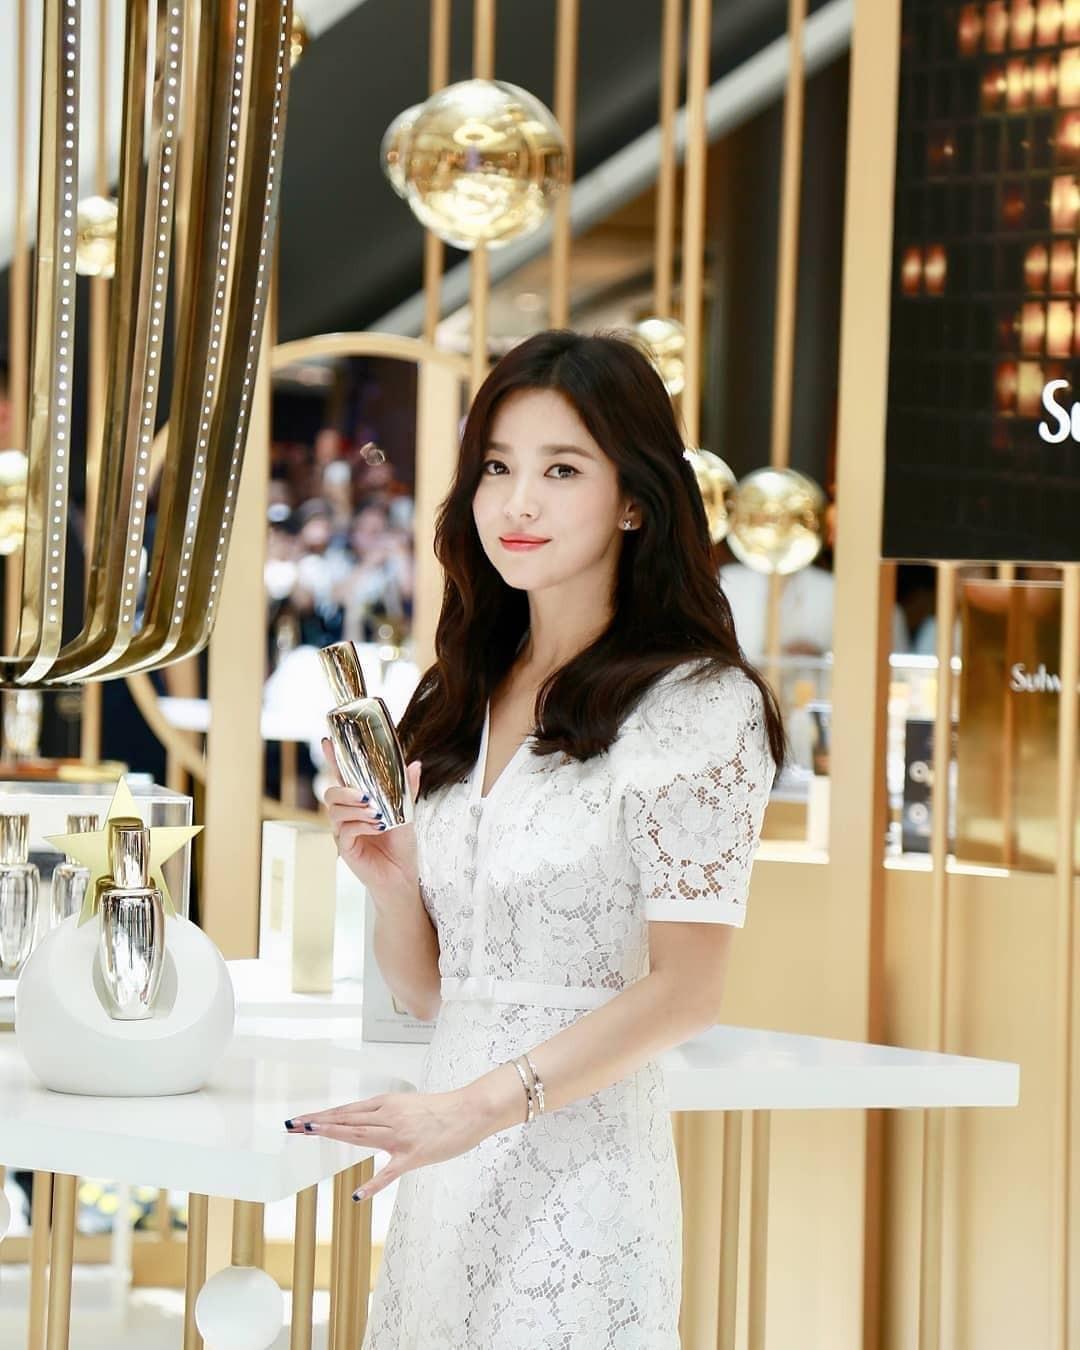 Clip đưa Song Hye Kyo lên top 1 tin hot nhất Hàn: Nhờ 1 câu nói của fan, mỹ nhân nở nụ cười đầu tiên giữa bão ly hôn - Ảnh 7.